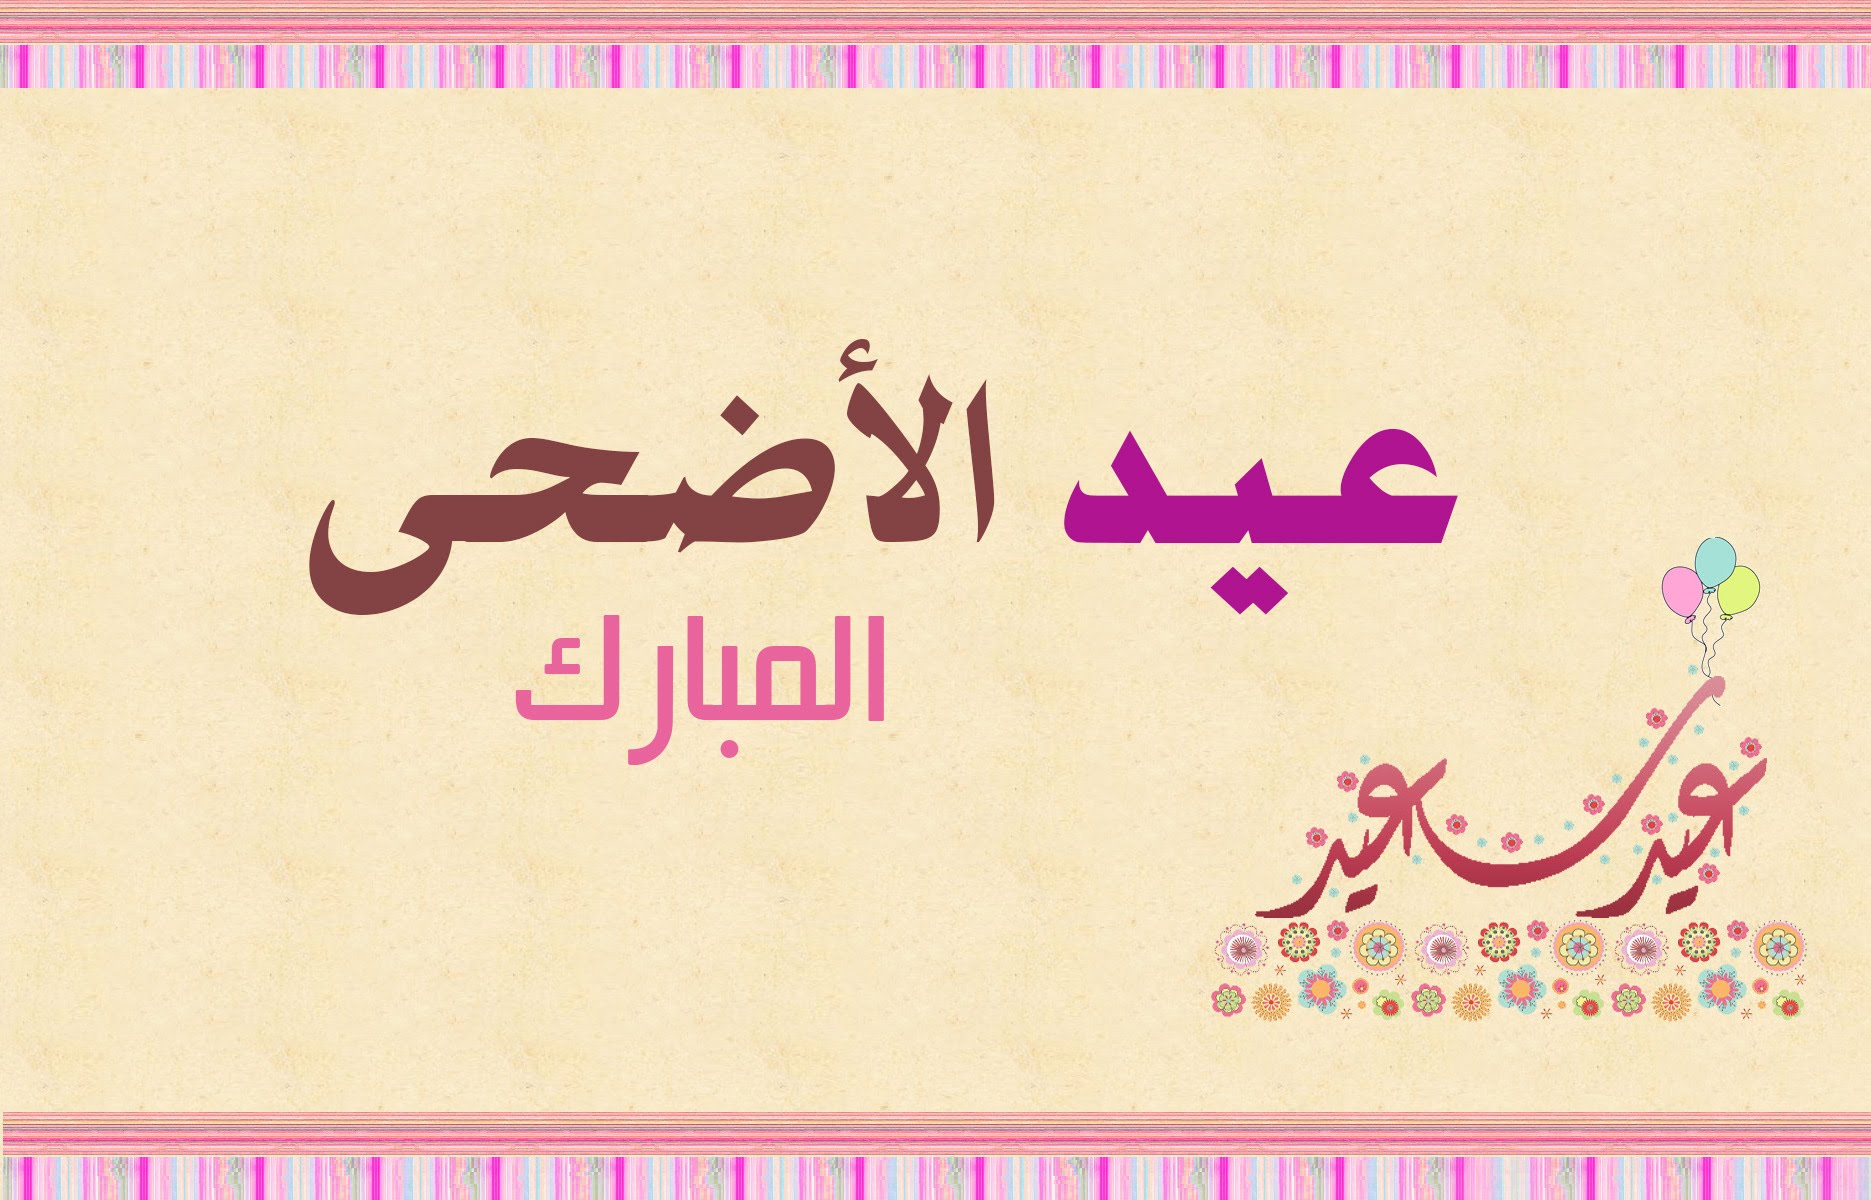 بالصور تهنئة عيد الاضحى , اجمل صور التهنئة لعيد الاضحى المبارك 340 7